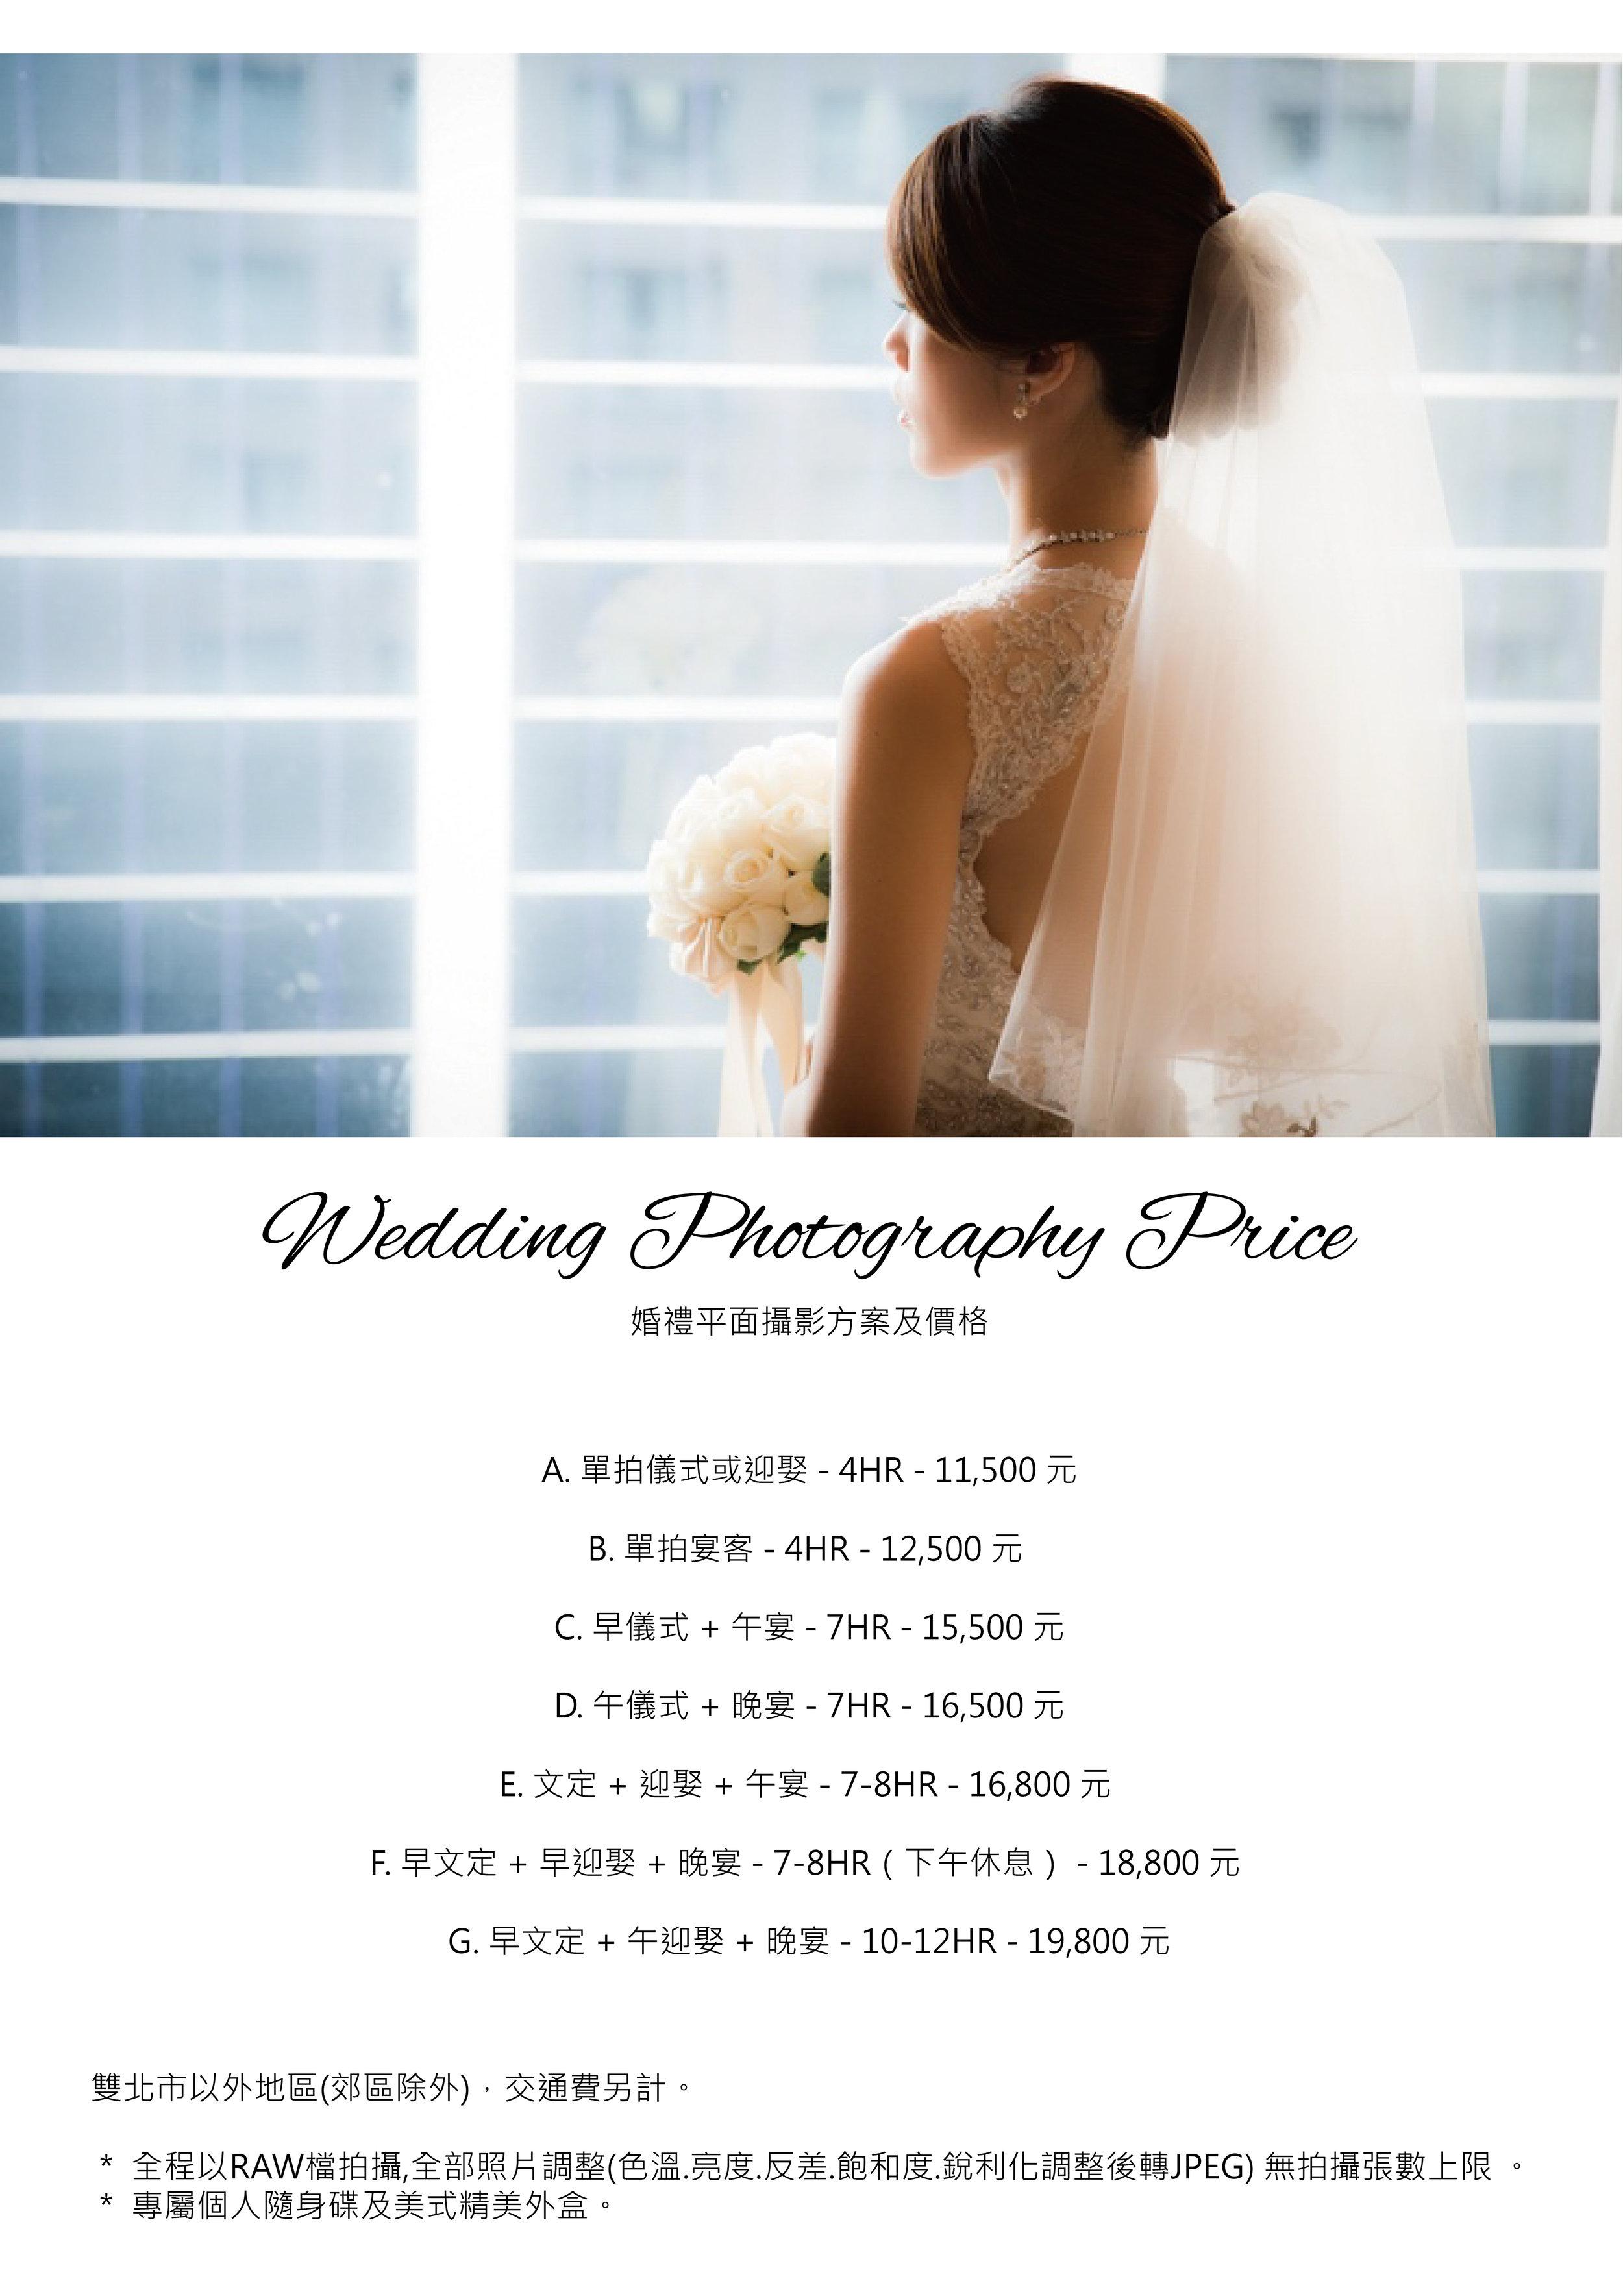 婚禮平面攝影價目.jpg